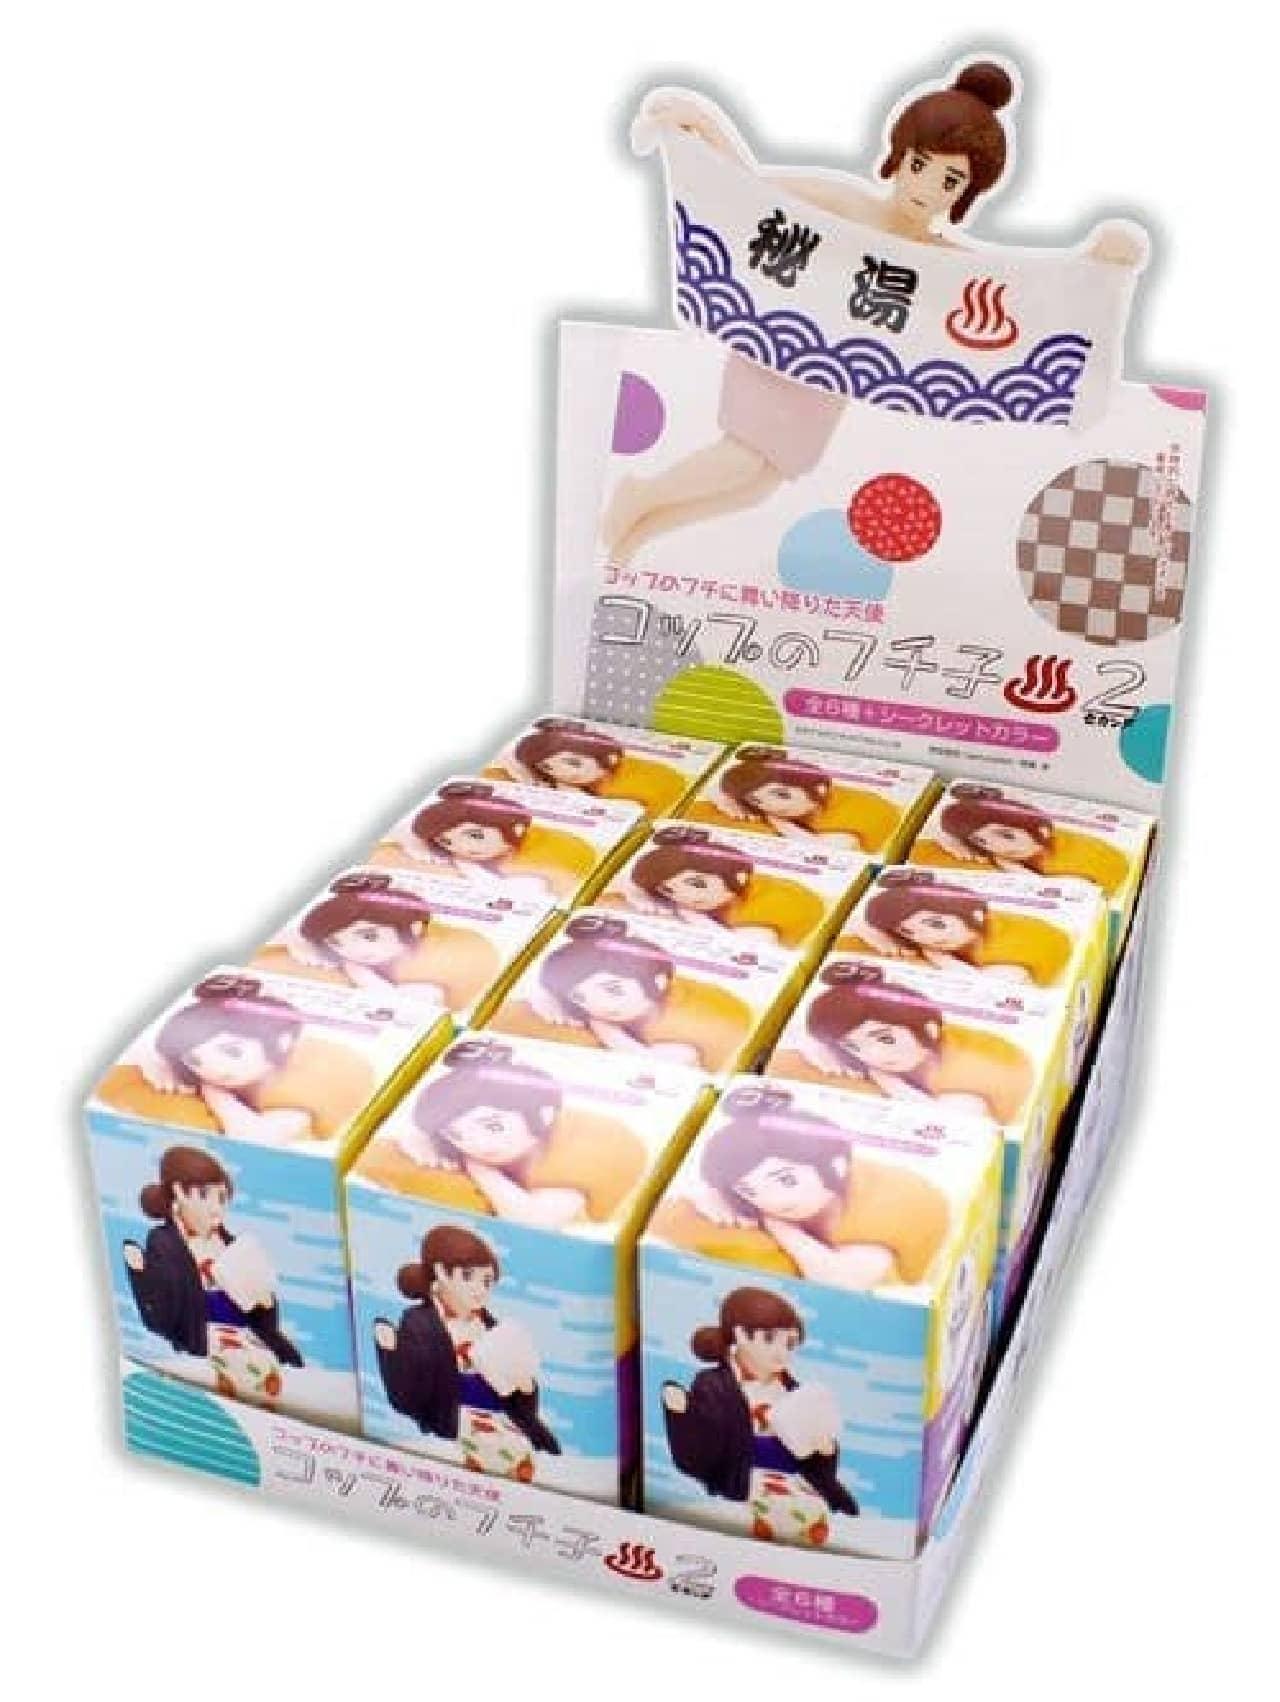 「コップのフチ子温泉2(セカンド)」、4月22日に東急ハンズで先行販売開始